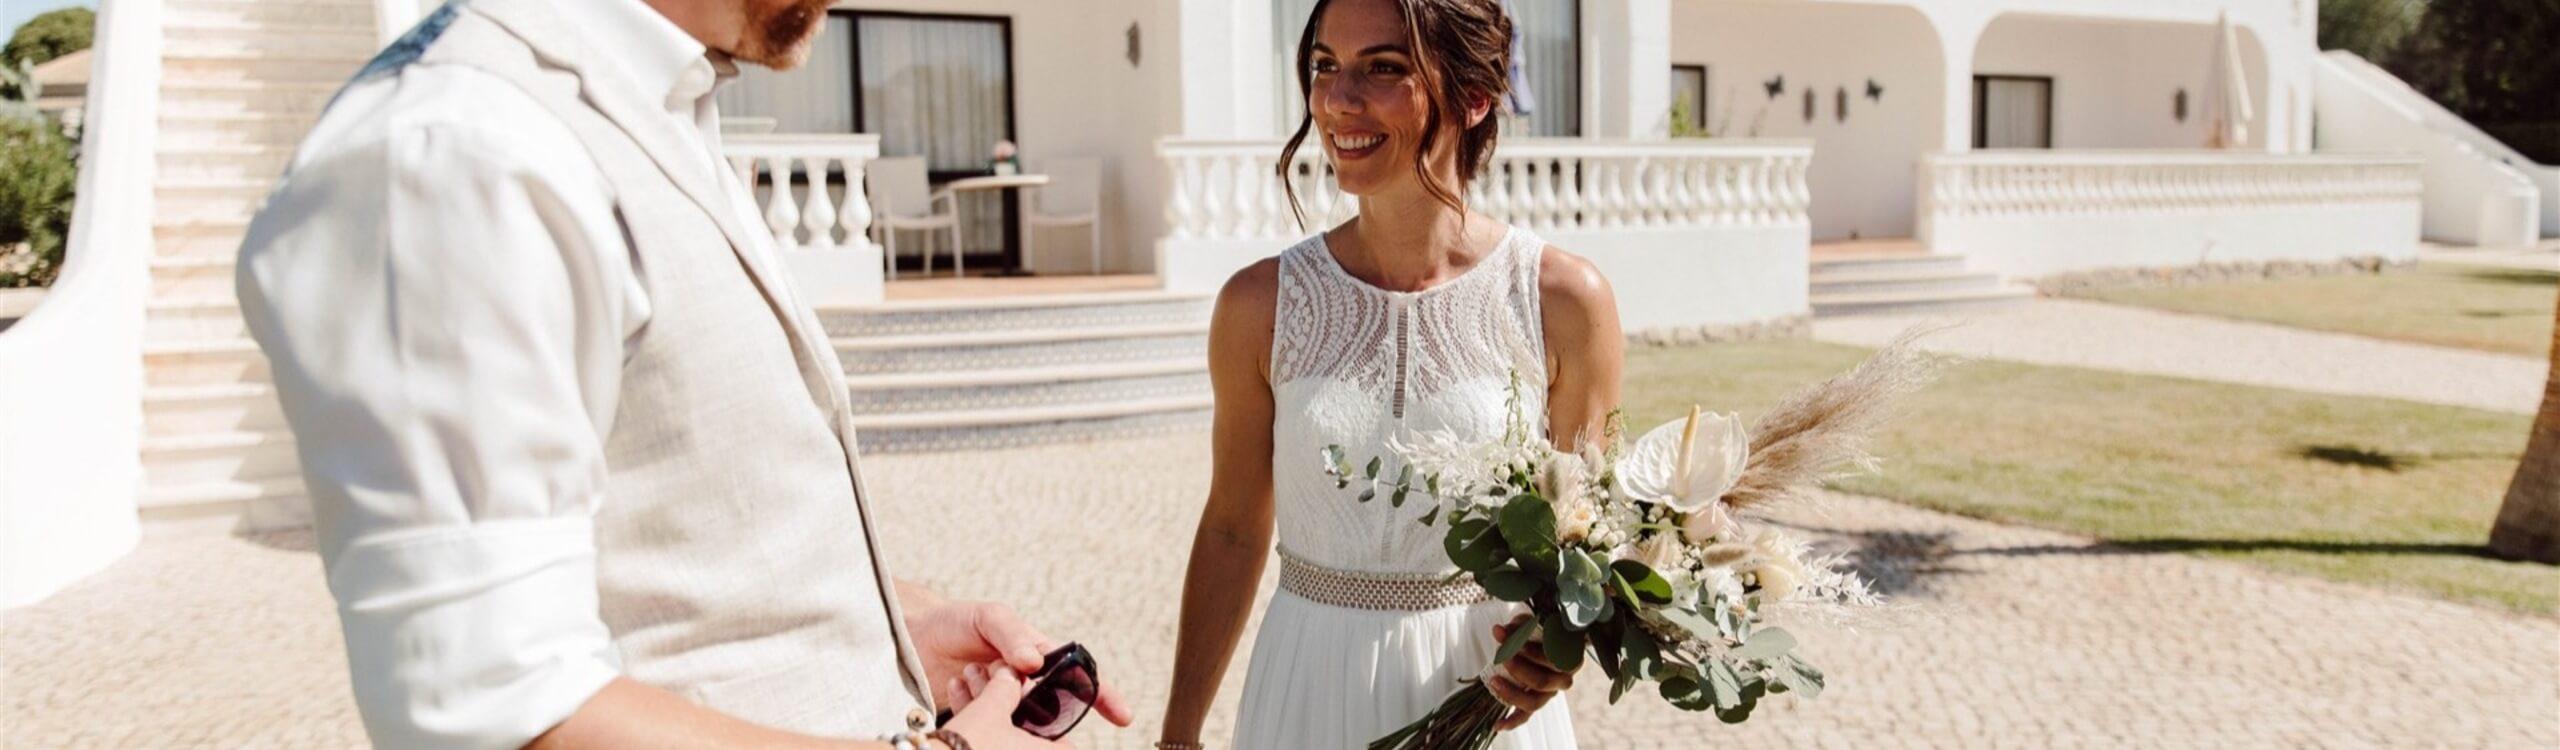 Mariage en Algarve